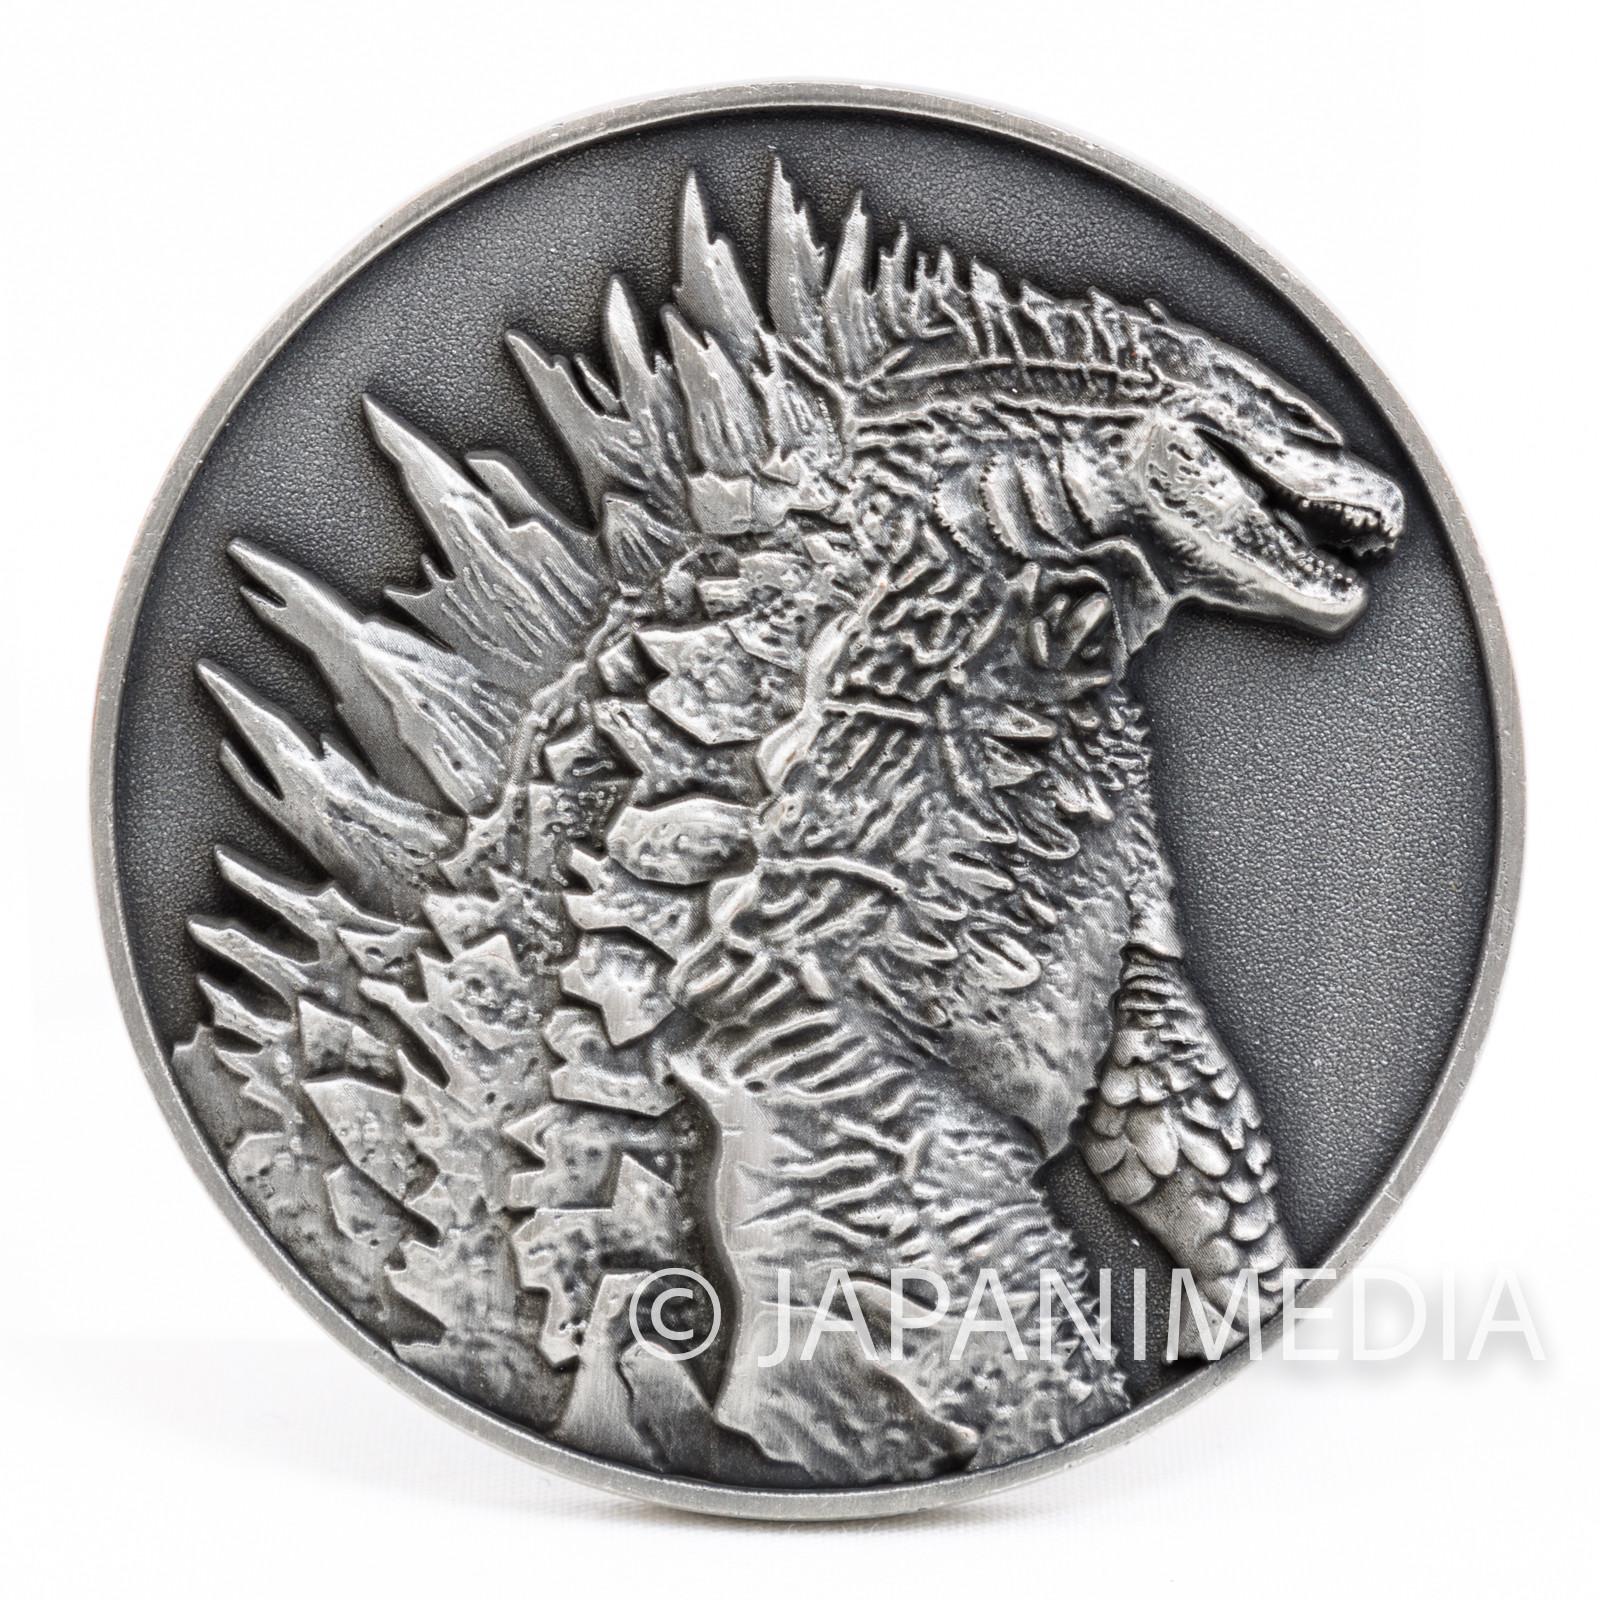 Godzilla Movie 2014 Memorial Medal Toho JAPAN TOKUSATSU